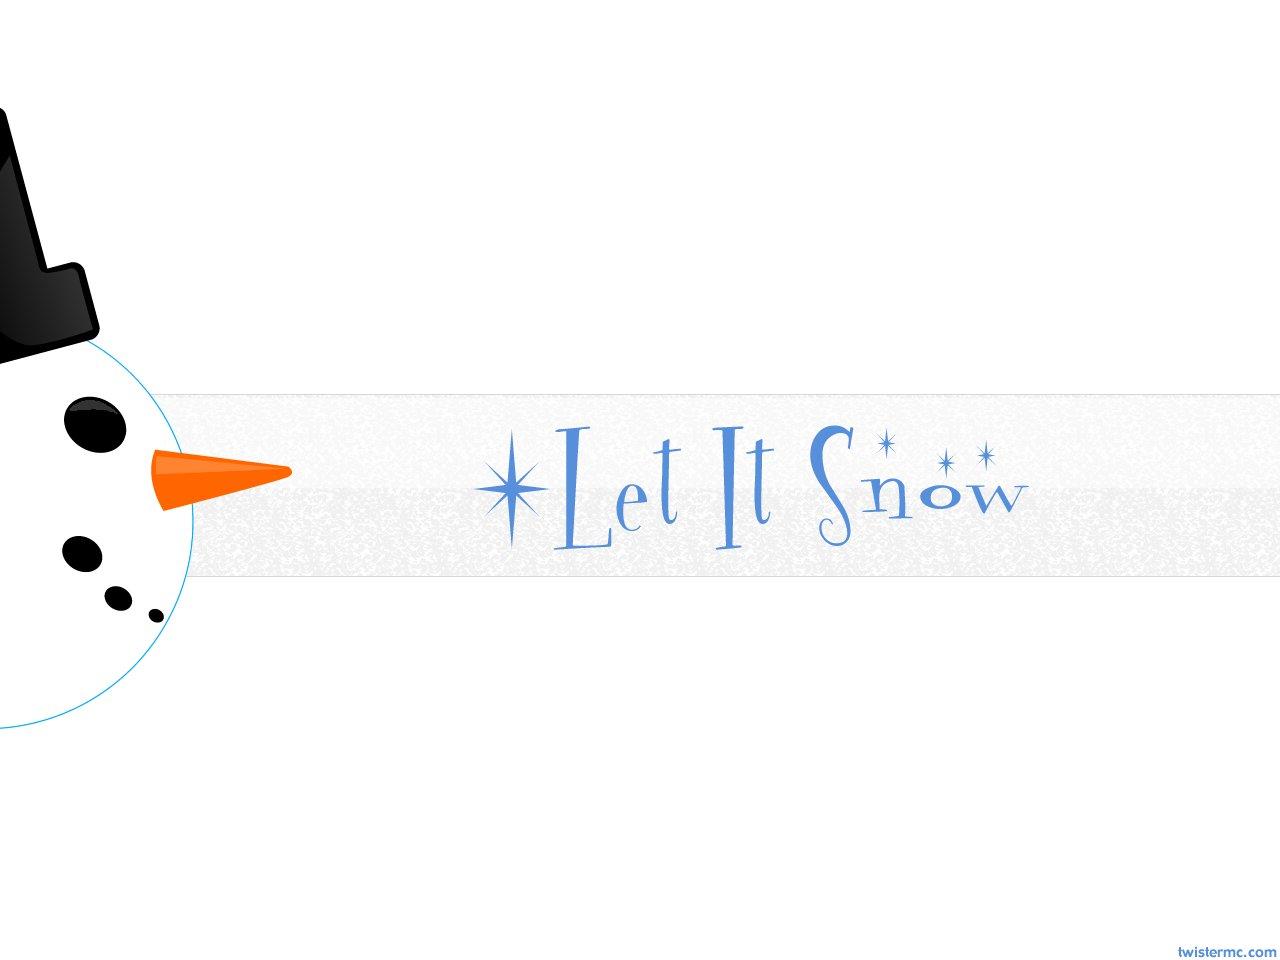 Let It Snowman by TwisterMc on DeviantArt.